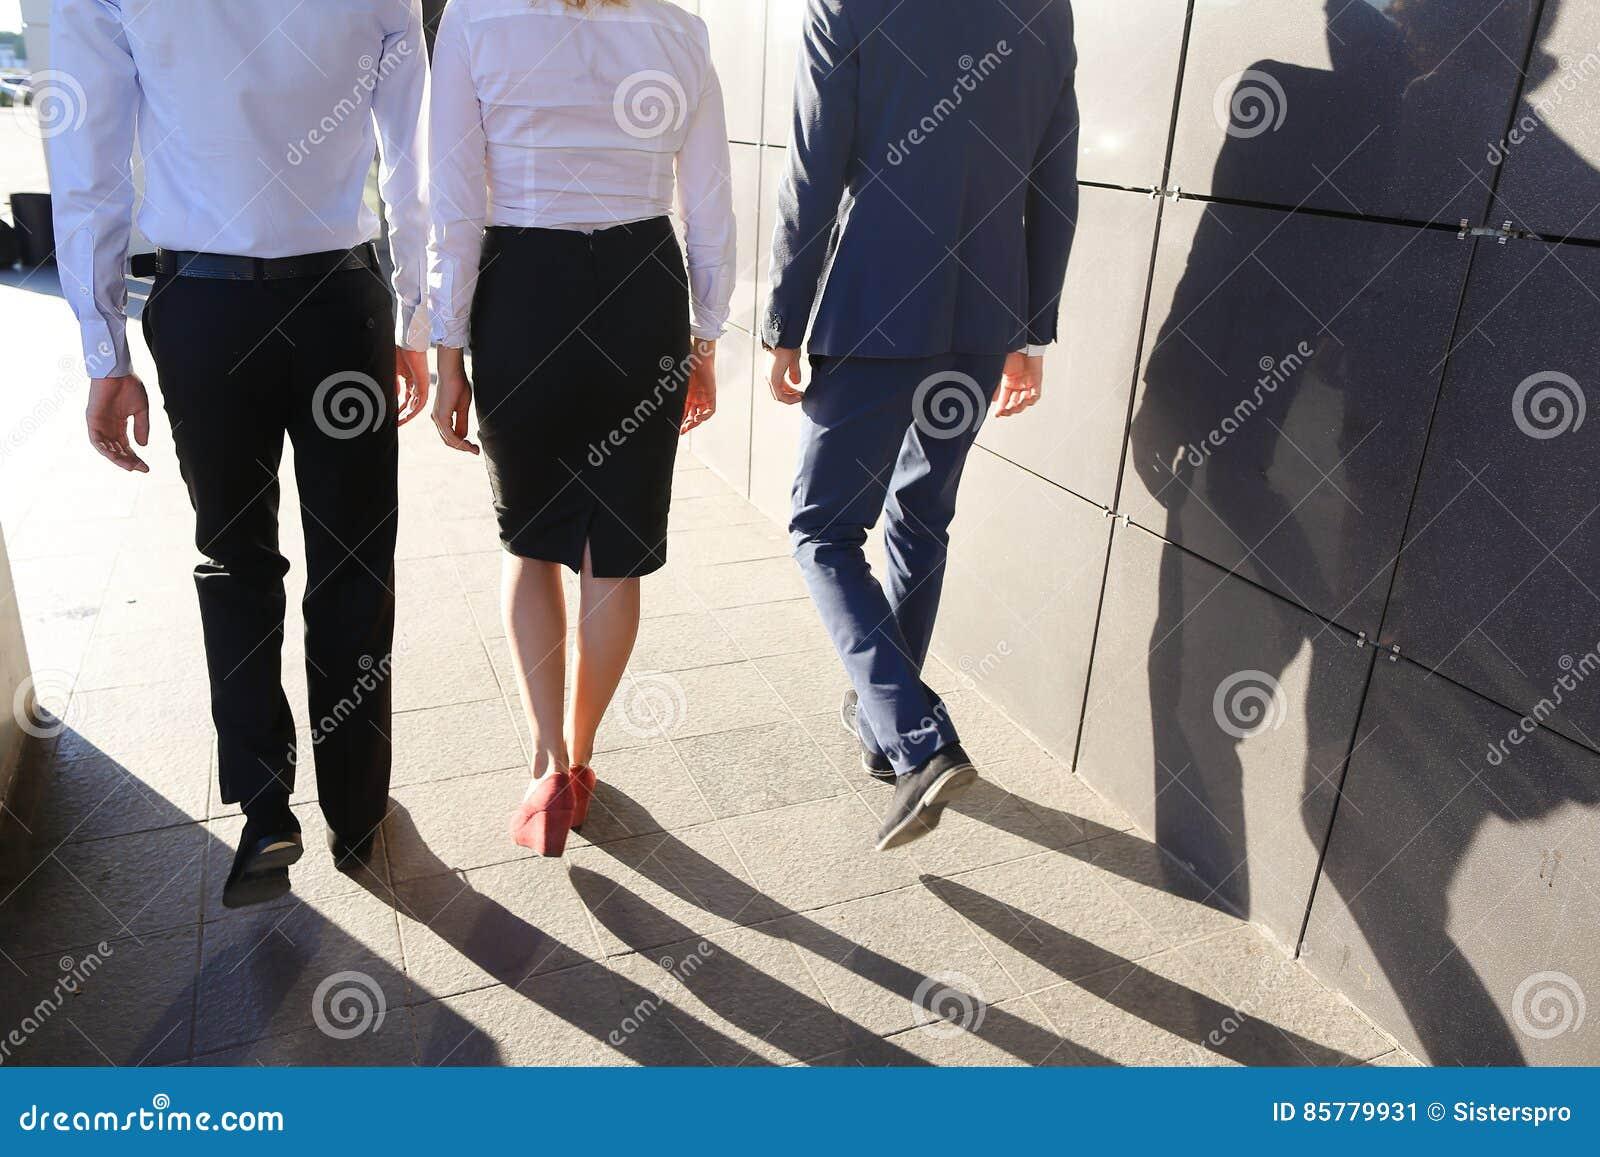 Девушка одевает на парня